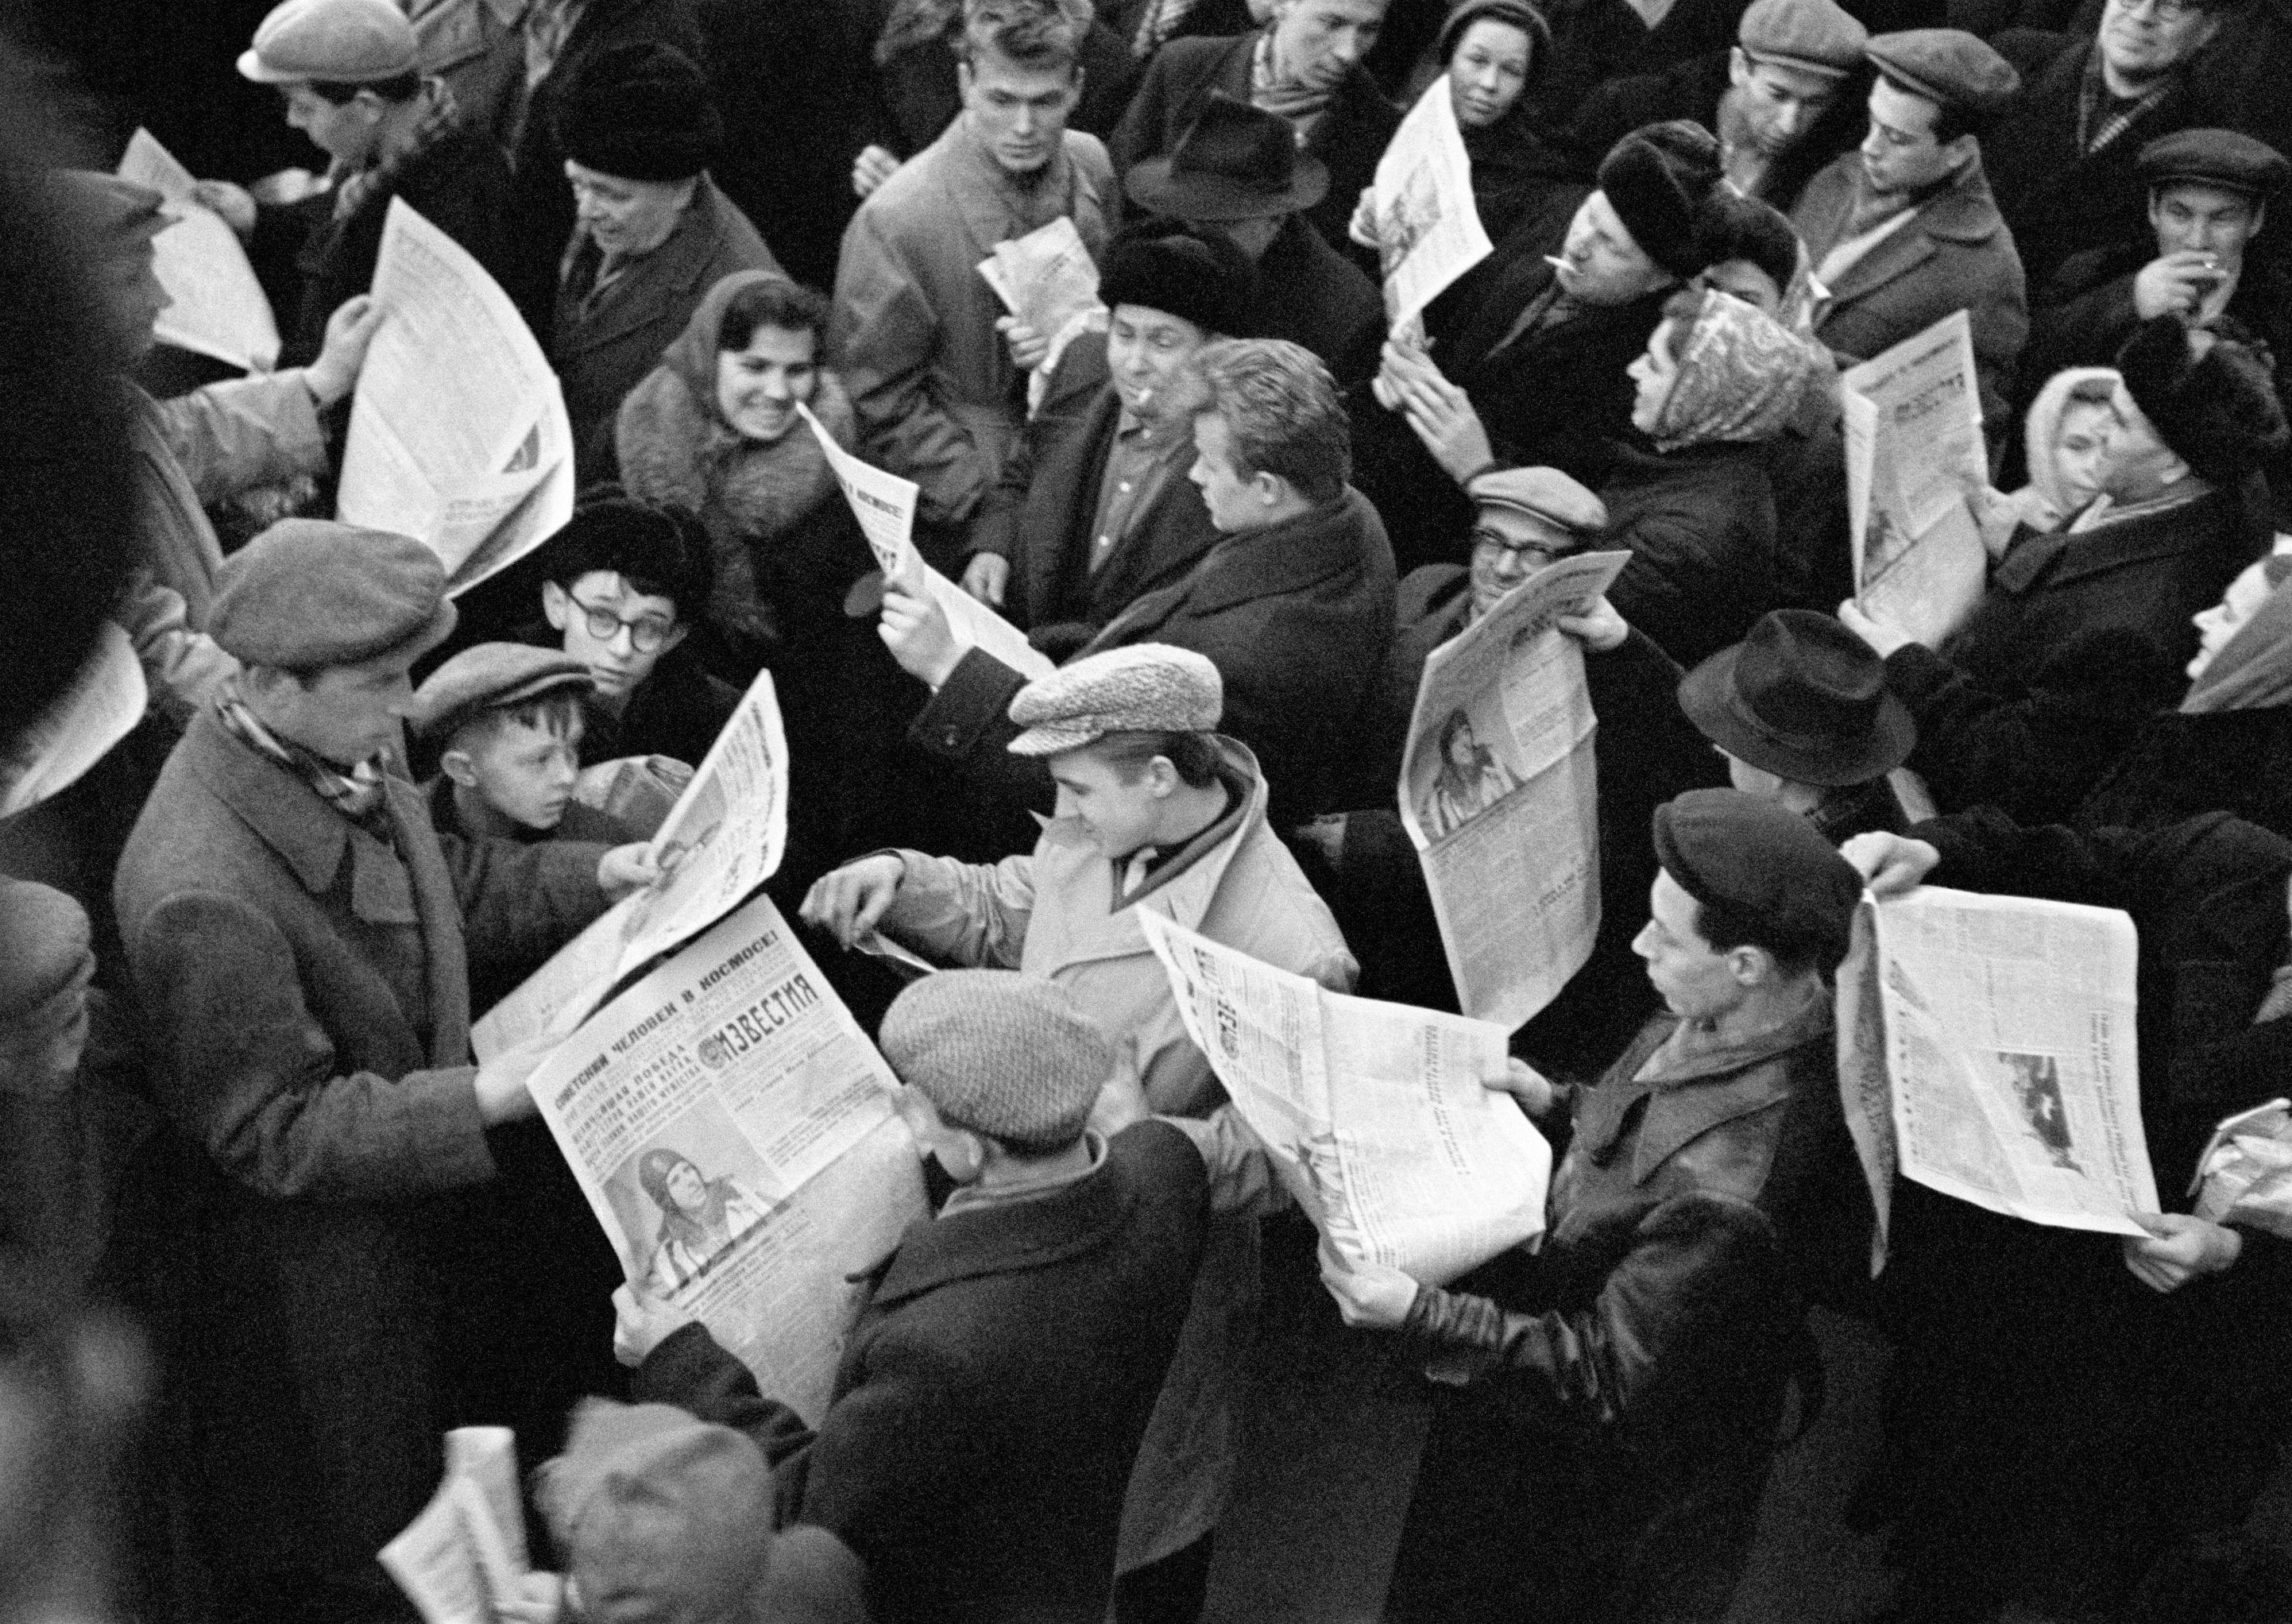 W dniu lotu Jurija Gagarina w kosmos wszystkie gazety w Moskwie zostały wyprzedane